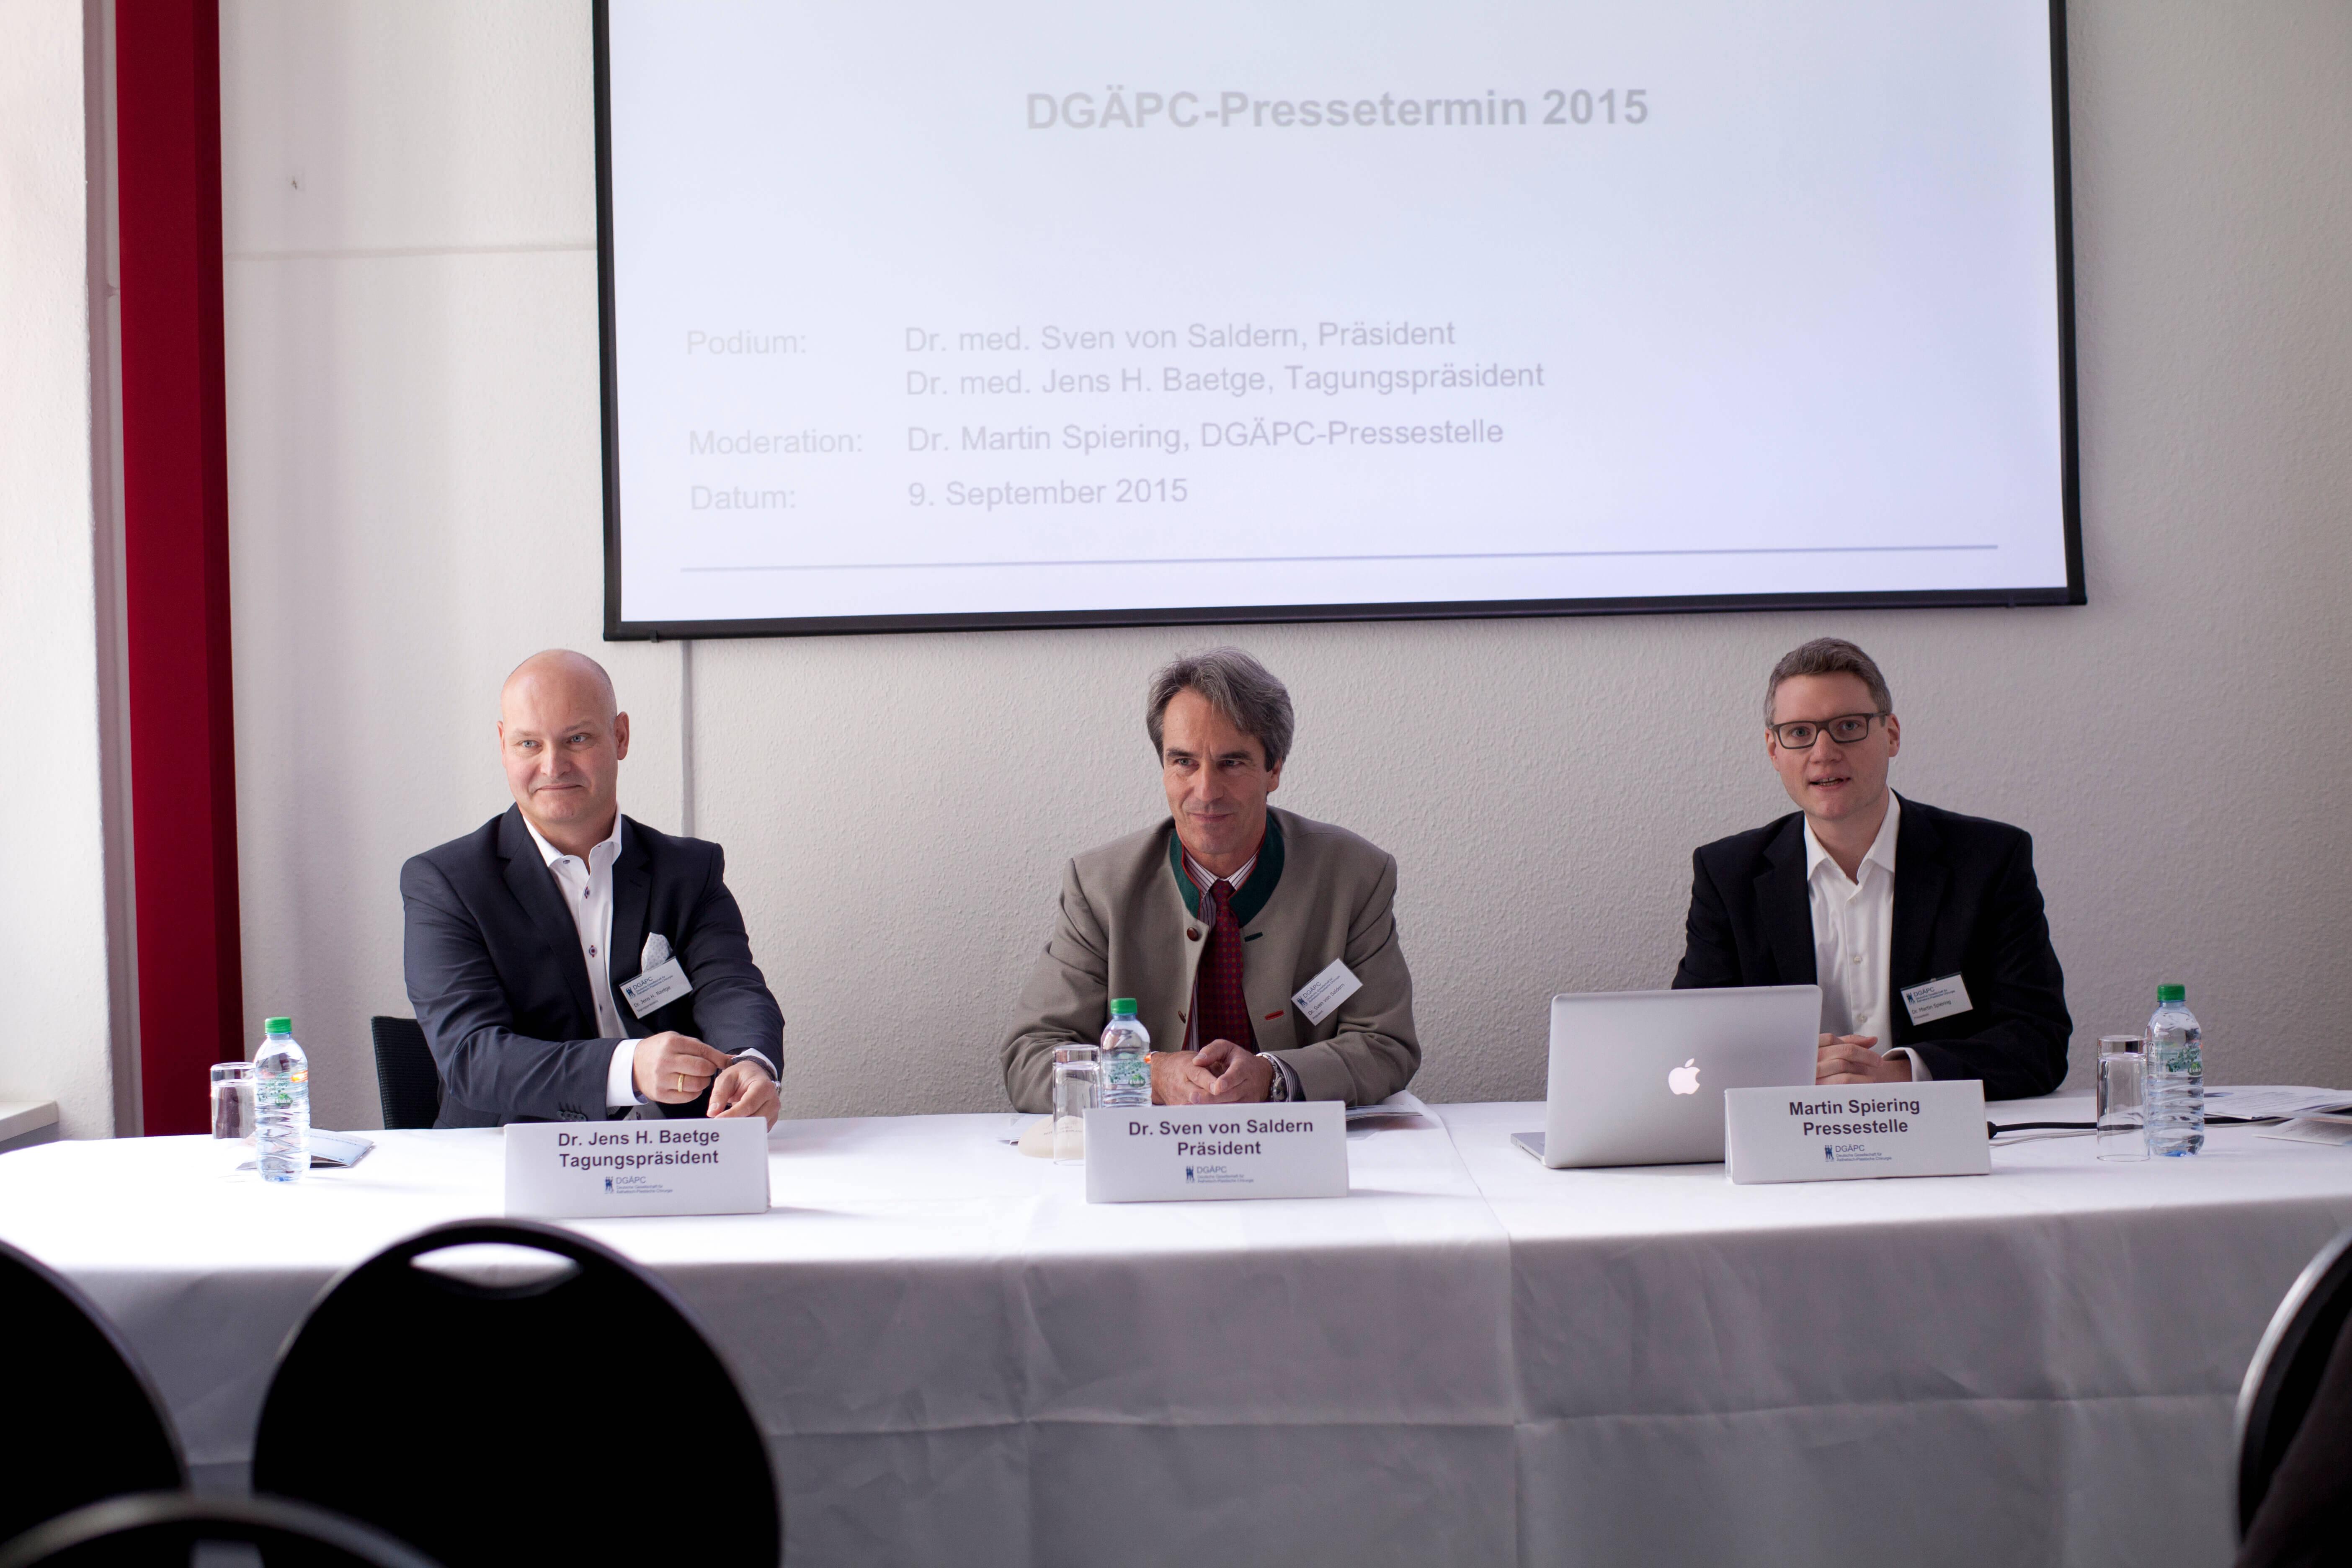 DGÄPC-Pressetermin 2015